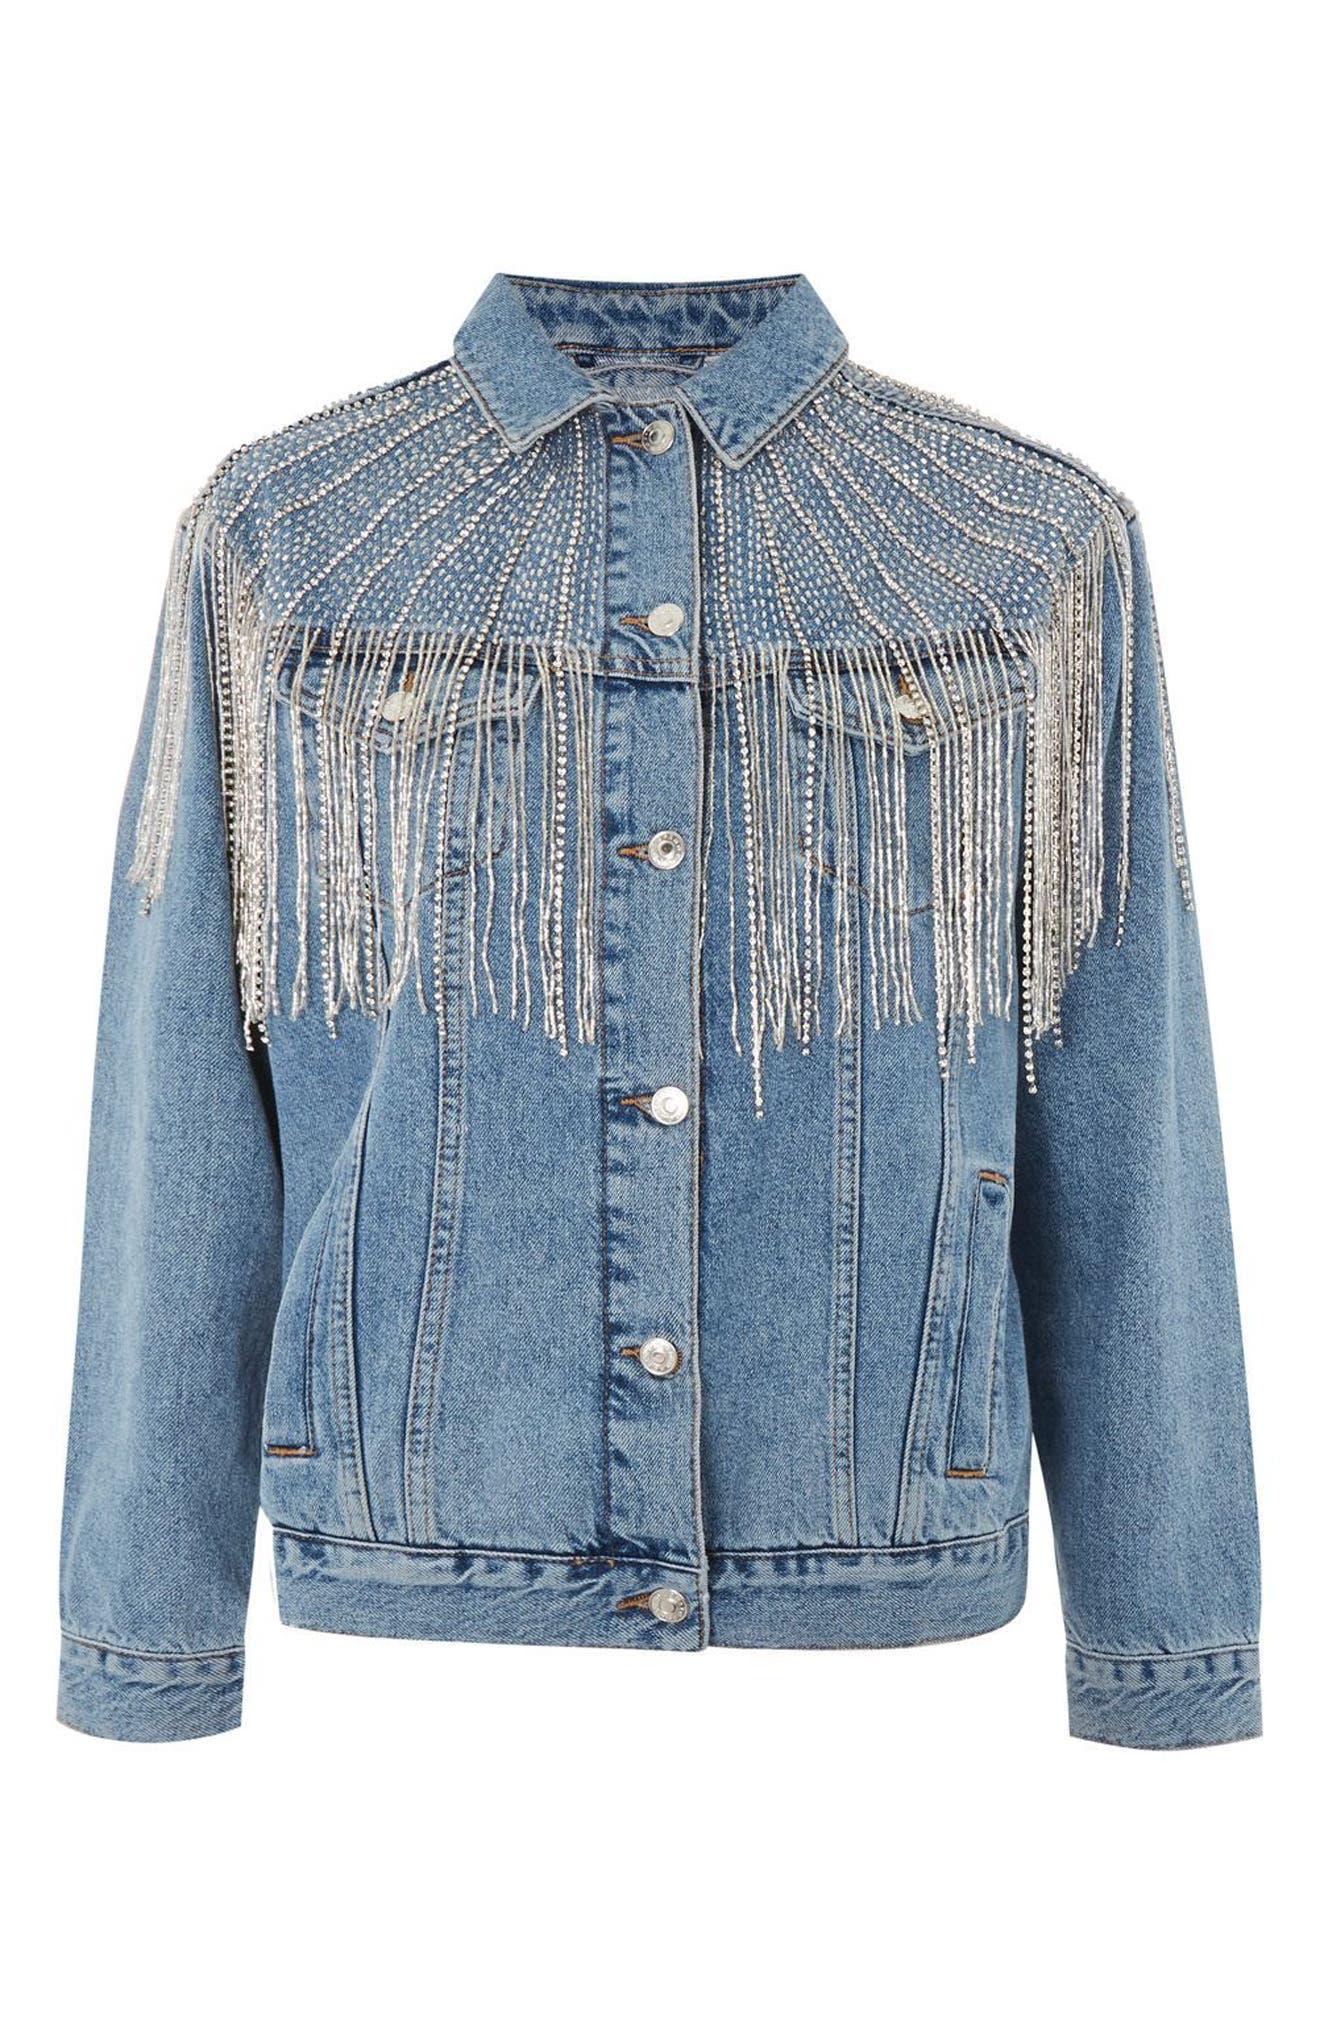 Alternate Image 4  - Topshop Dolly Sequin Fringe Denim Jacket